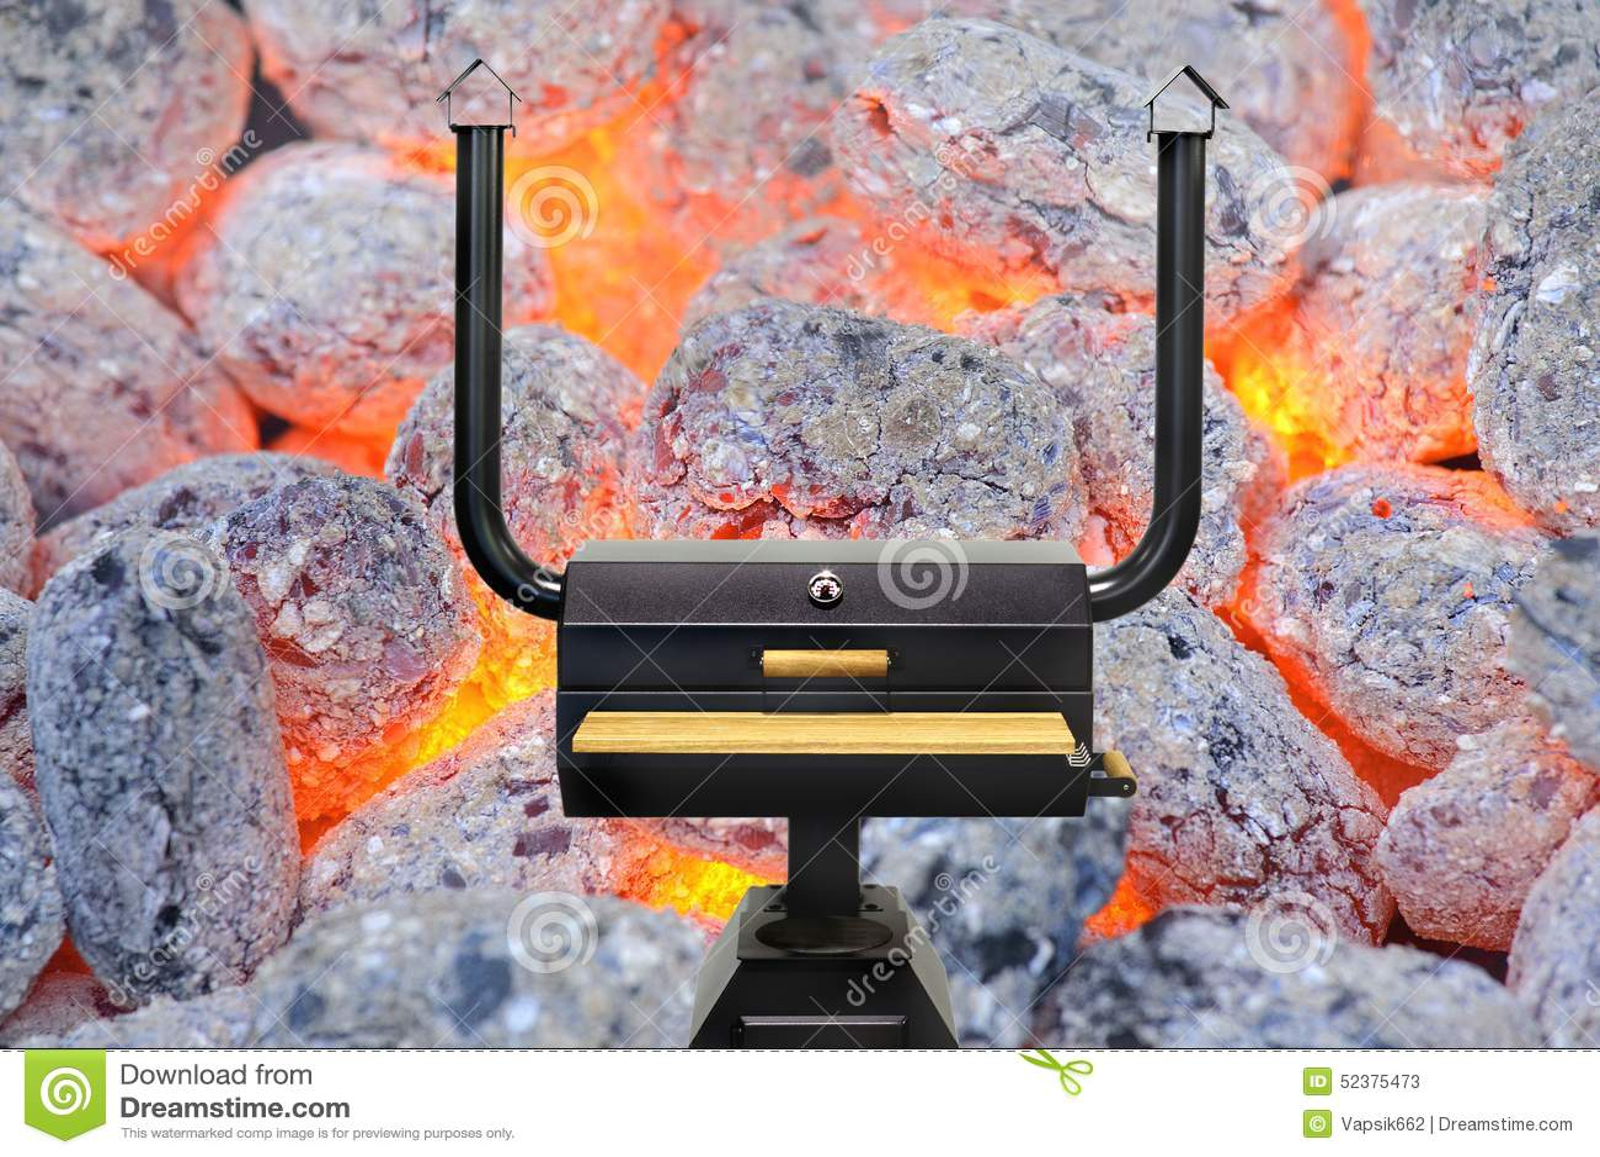 Horno de cocinar multifuncional carb n de le a que brilla - Cocinar en horno de lena ...